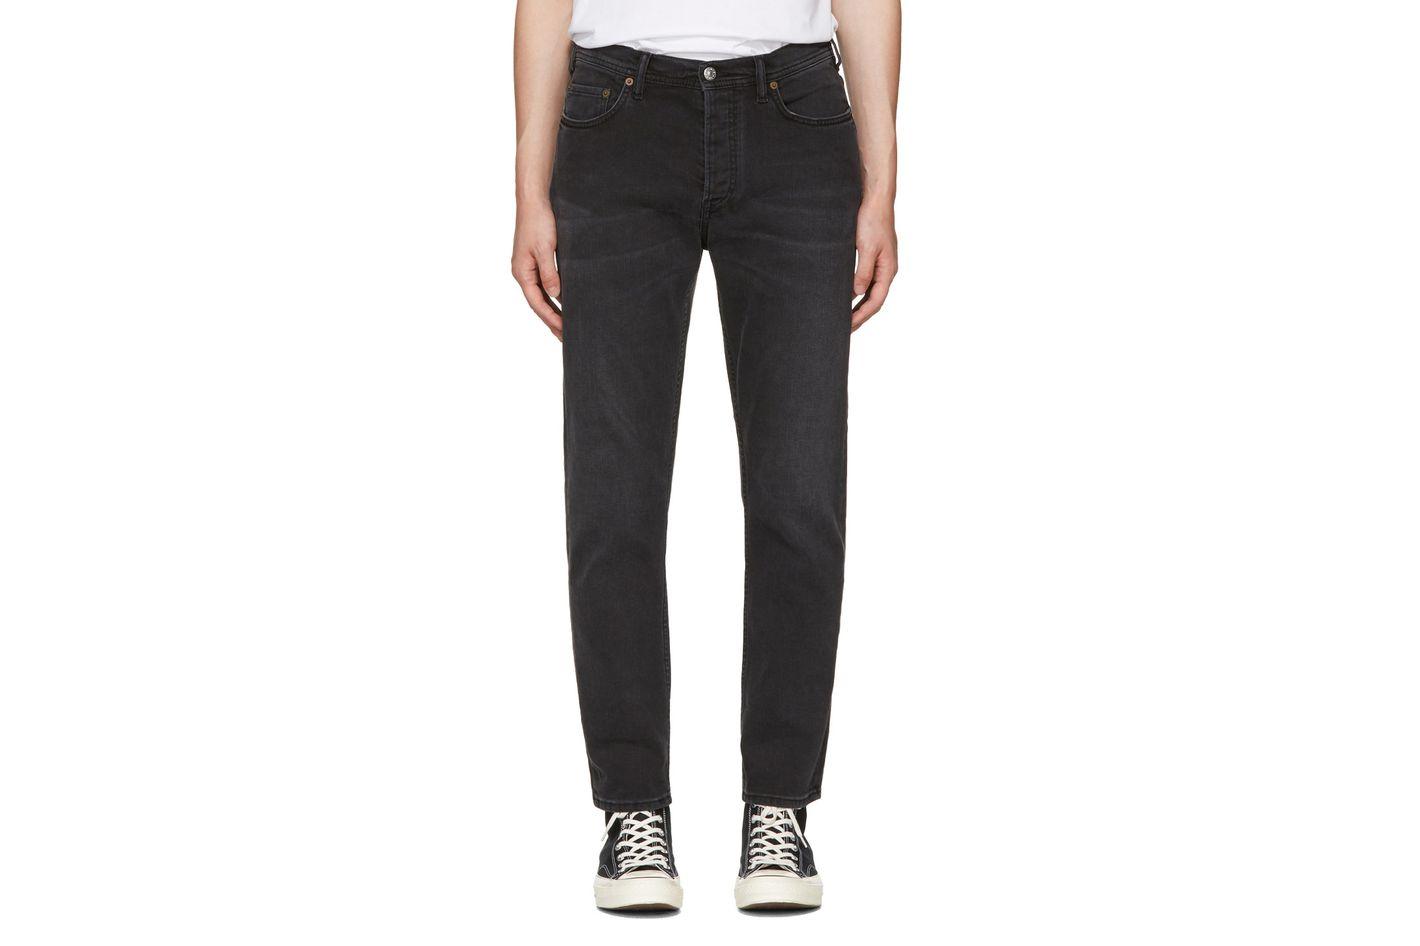 Acne Studios Black River Jeans